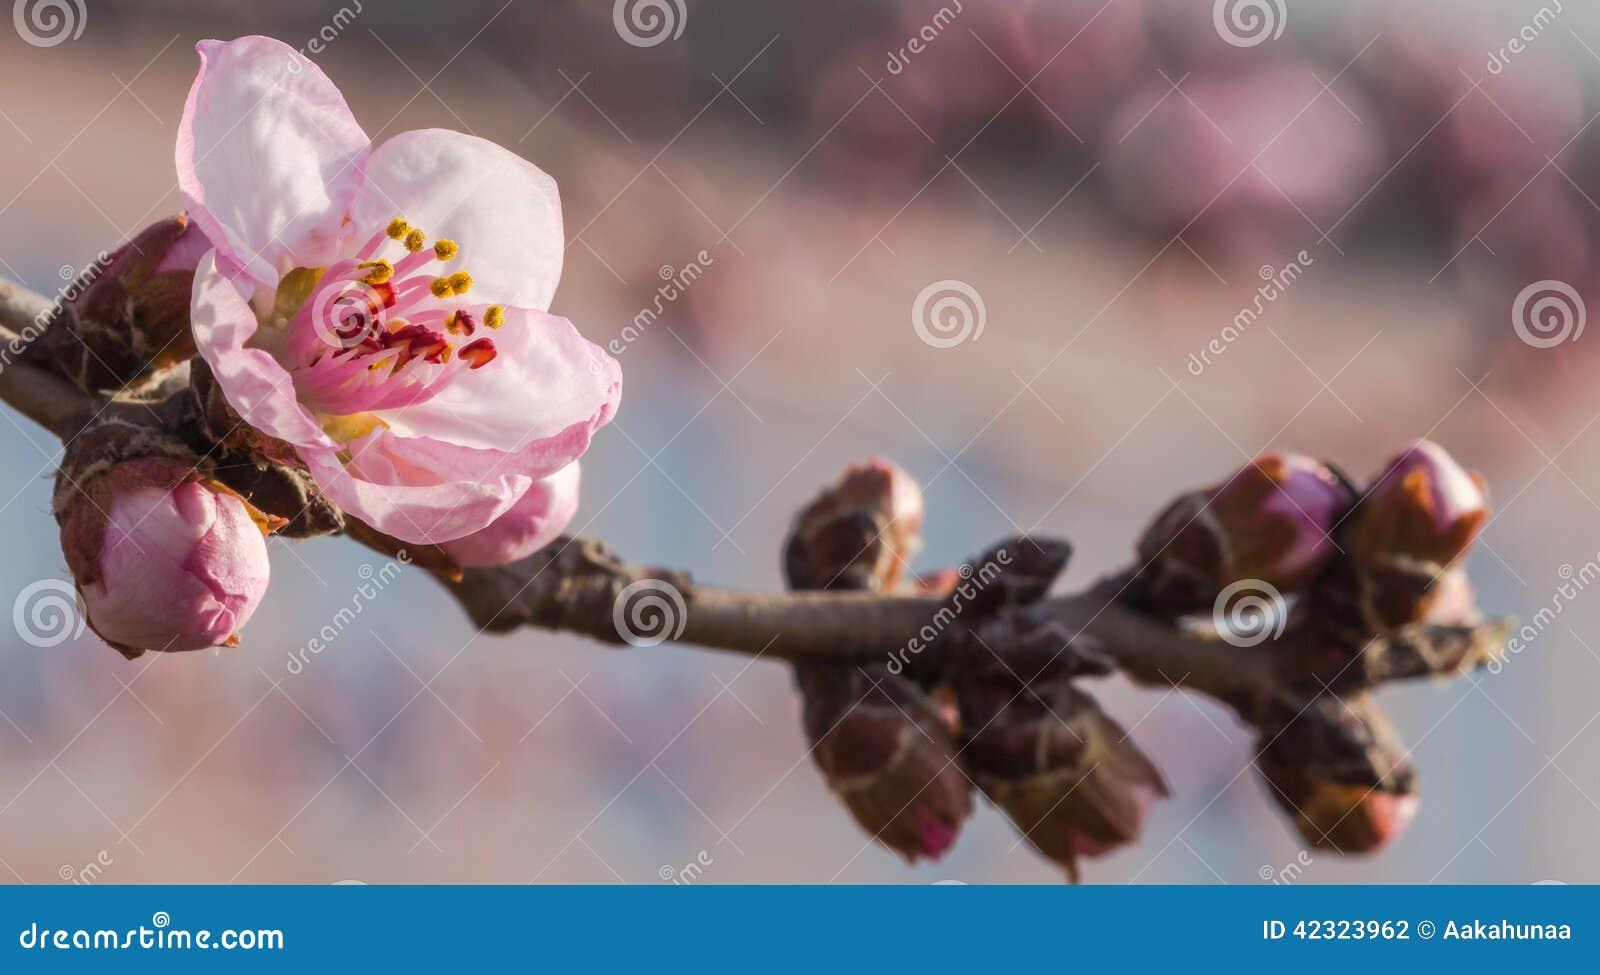 En la plena floración en el flor del melocotón